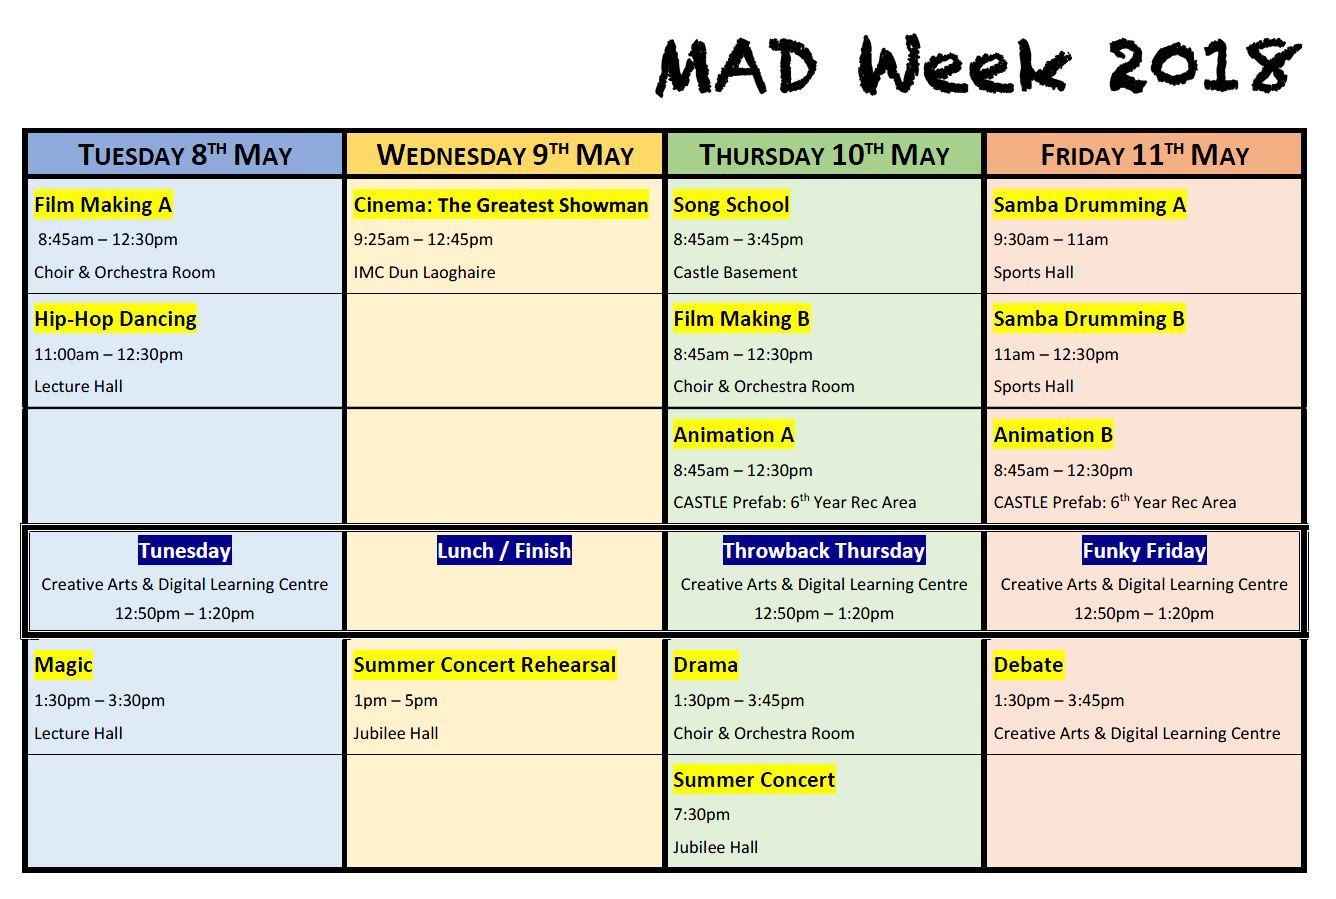 MAD Week Schedule 2018